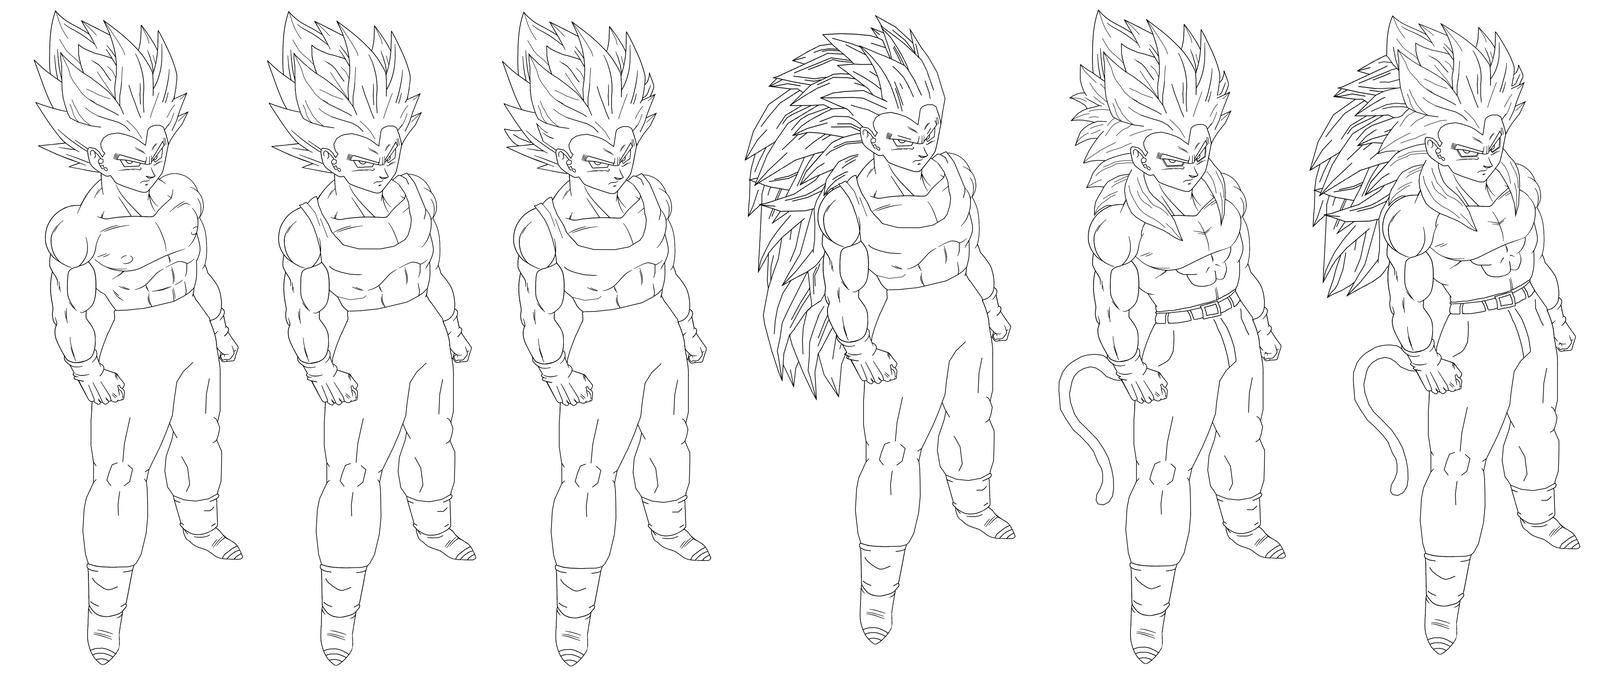 how to draw dbz goku ssj5